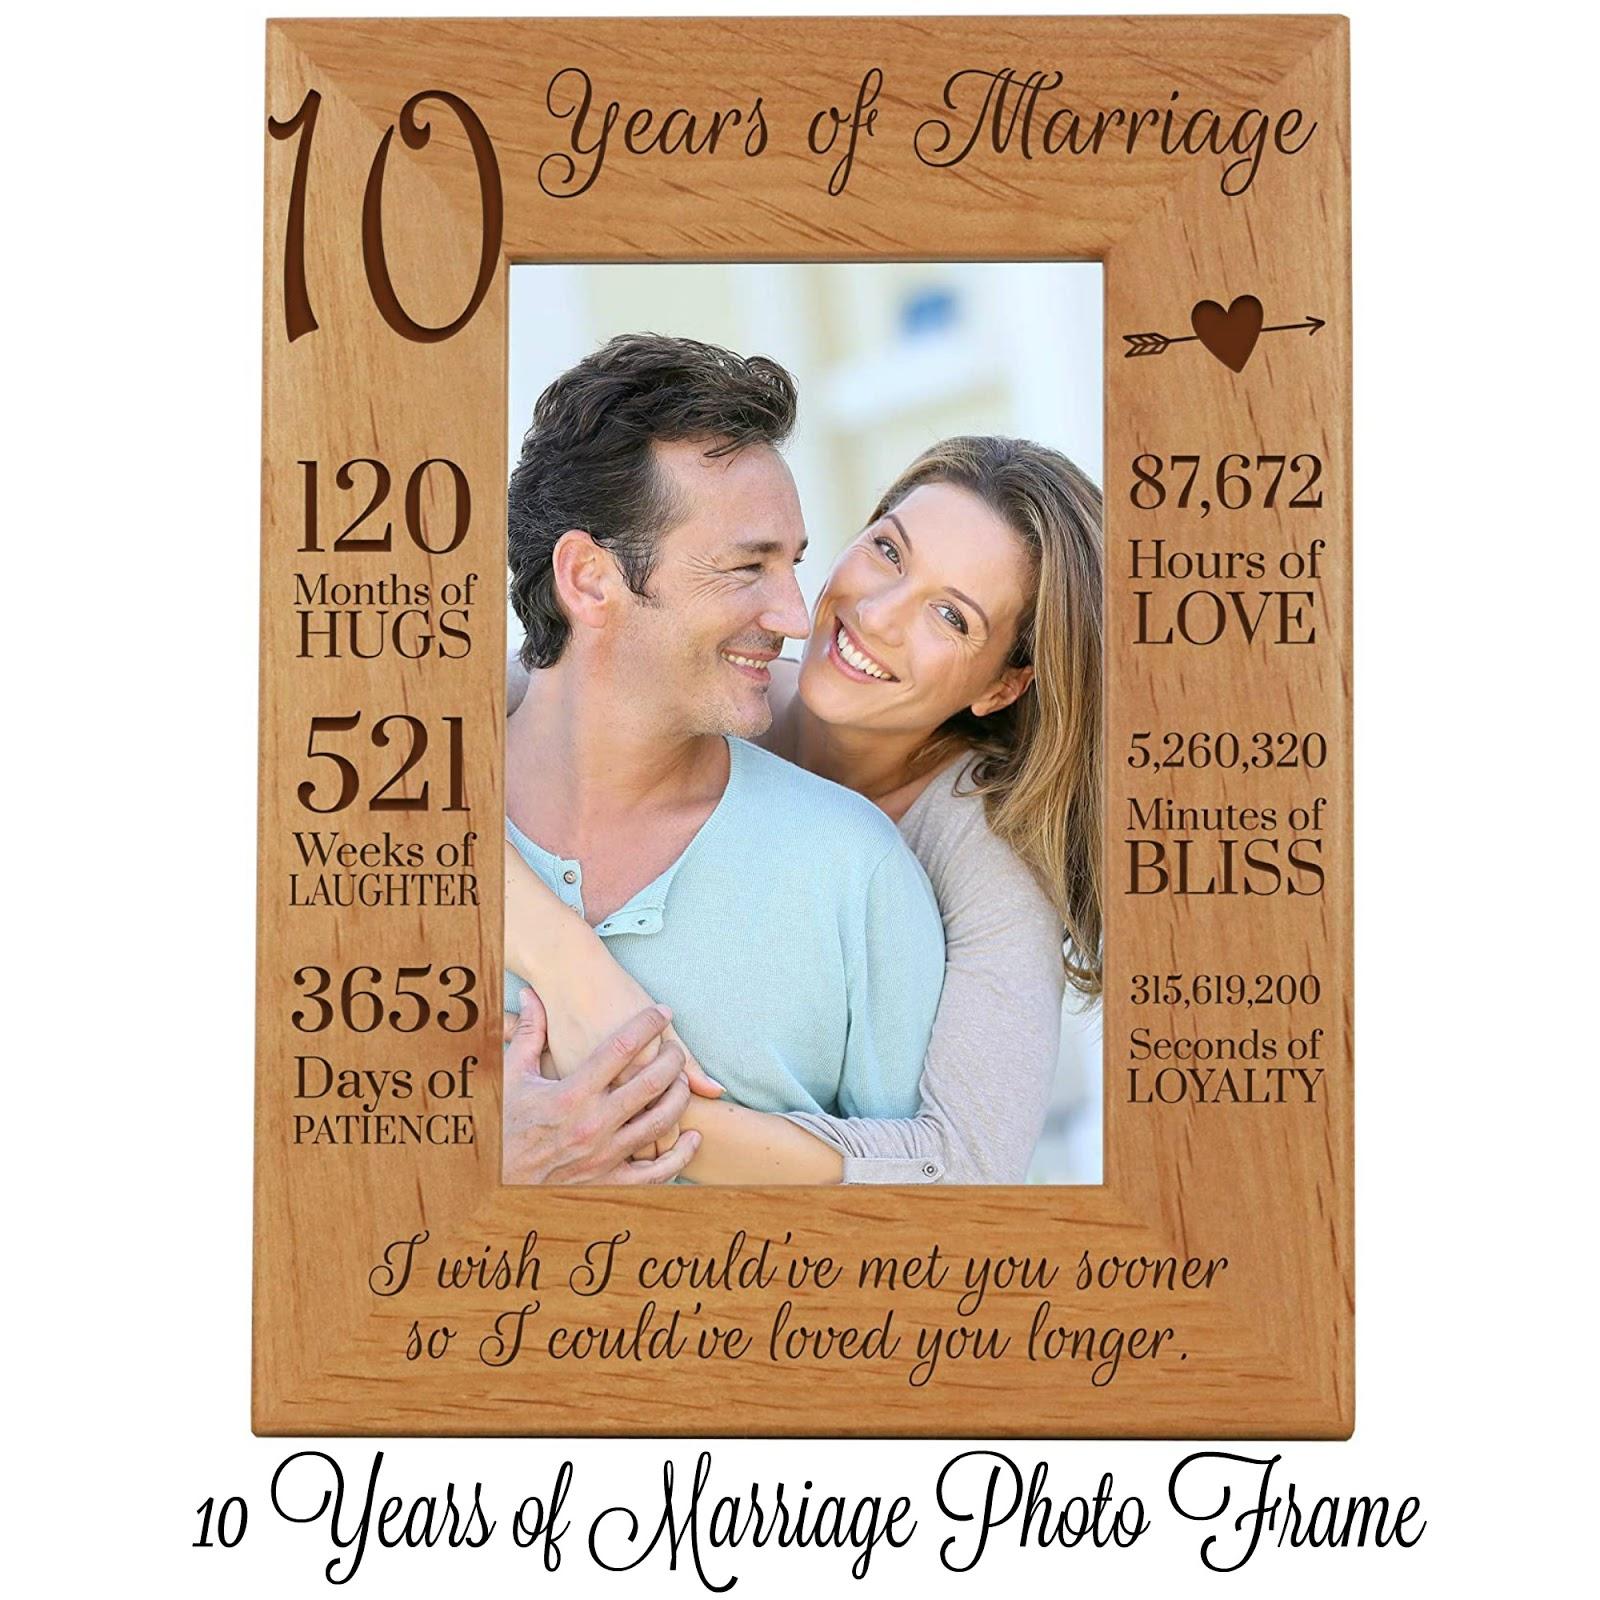 a 10th anniversary photo frame